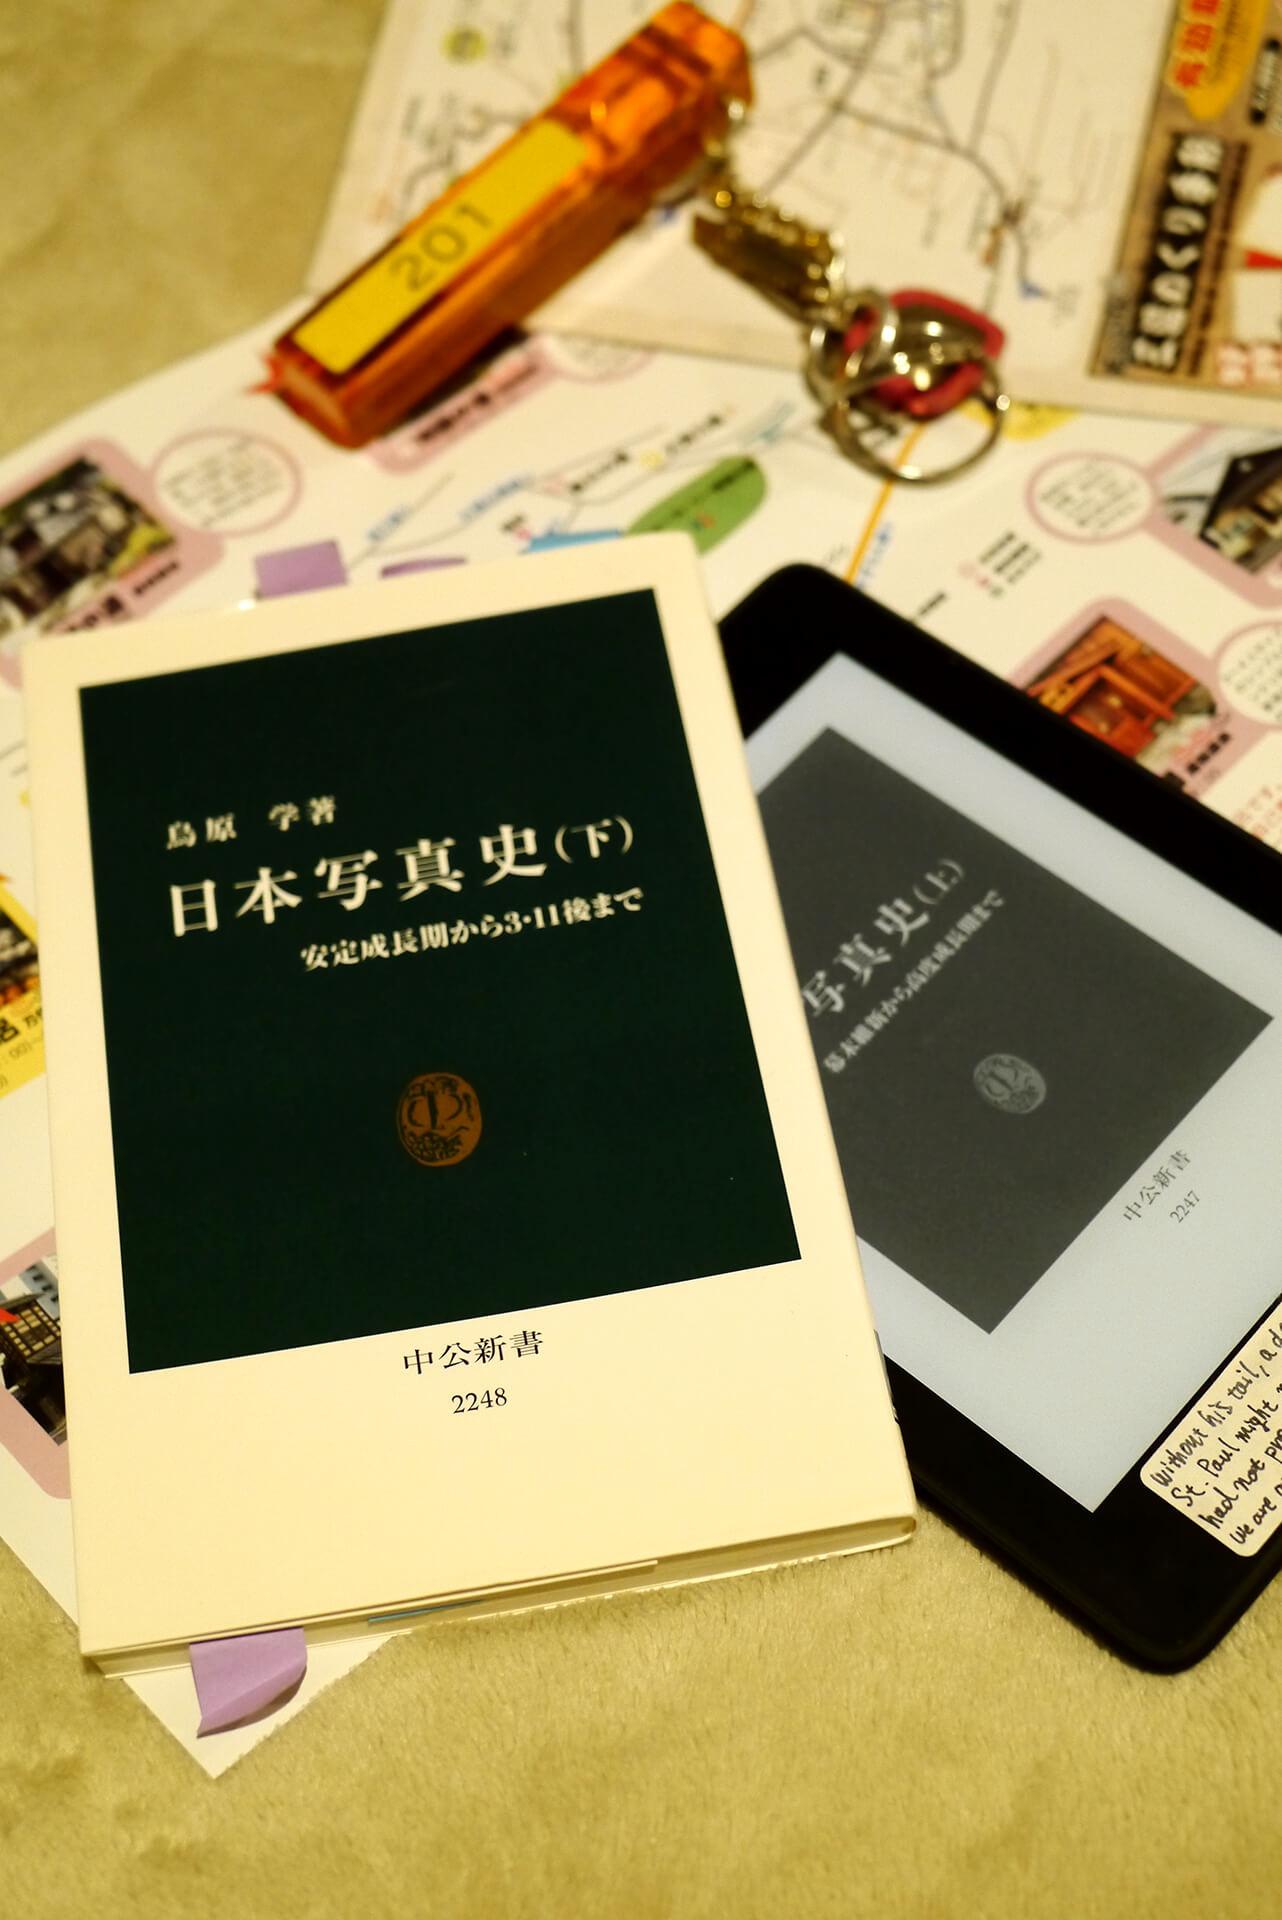 書籍日本写真史 (上・下) 幕末維新から高度成長期まで/安定成長期から3・11後まで(鳥原 学/中央公論新社)」の表紙画像